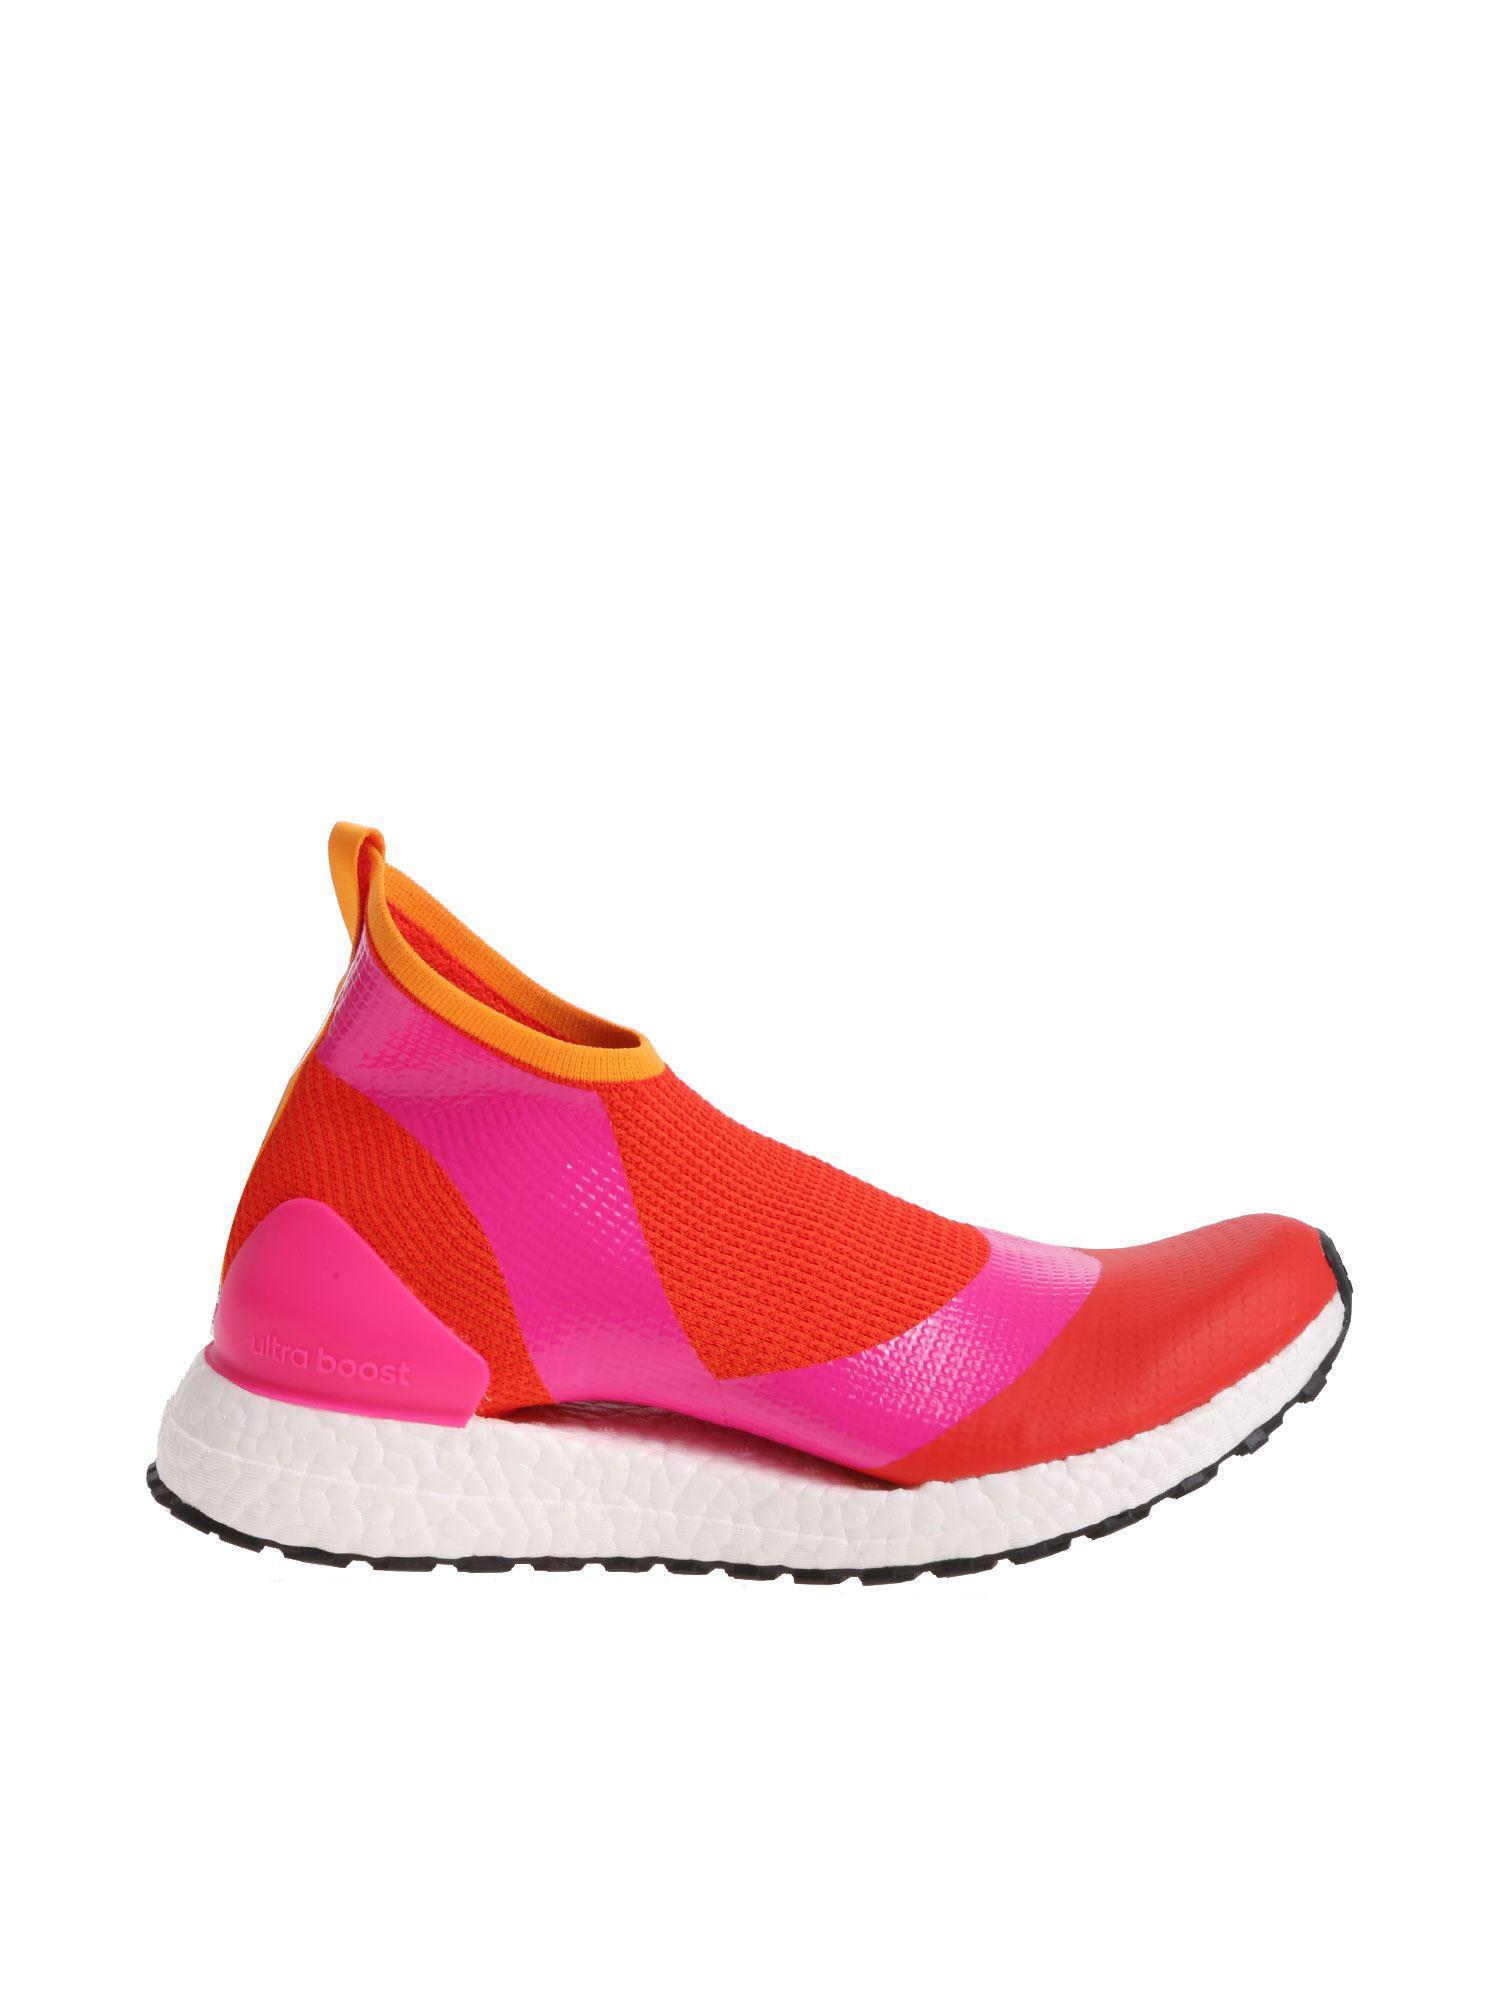 buy online 8b4b2 2386c Women's Red Ultraboost X All Terrain Sneakers